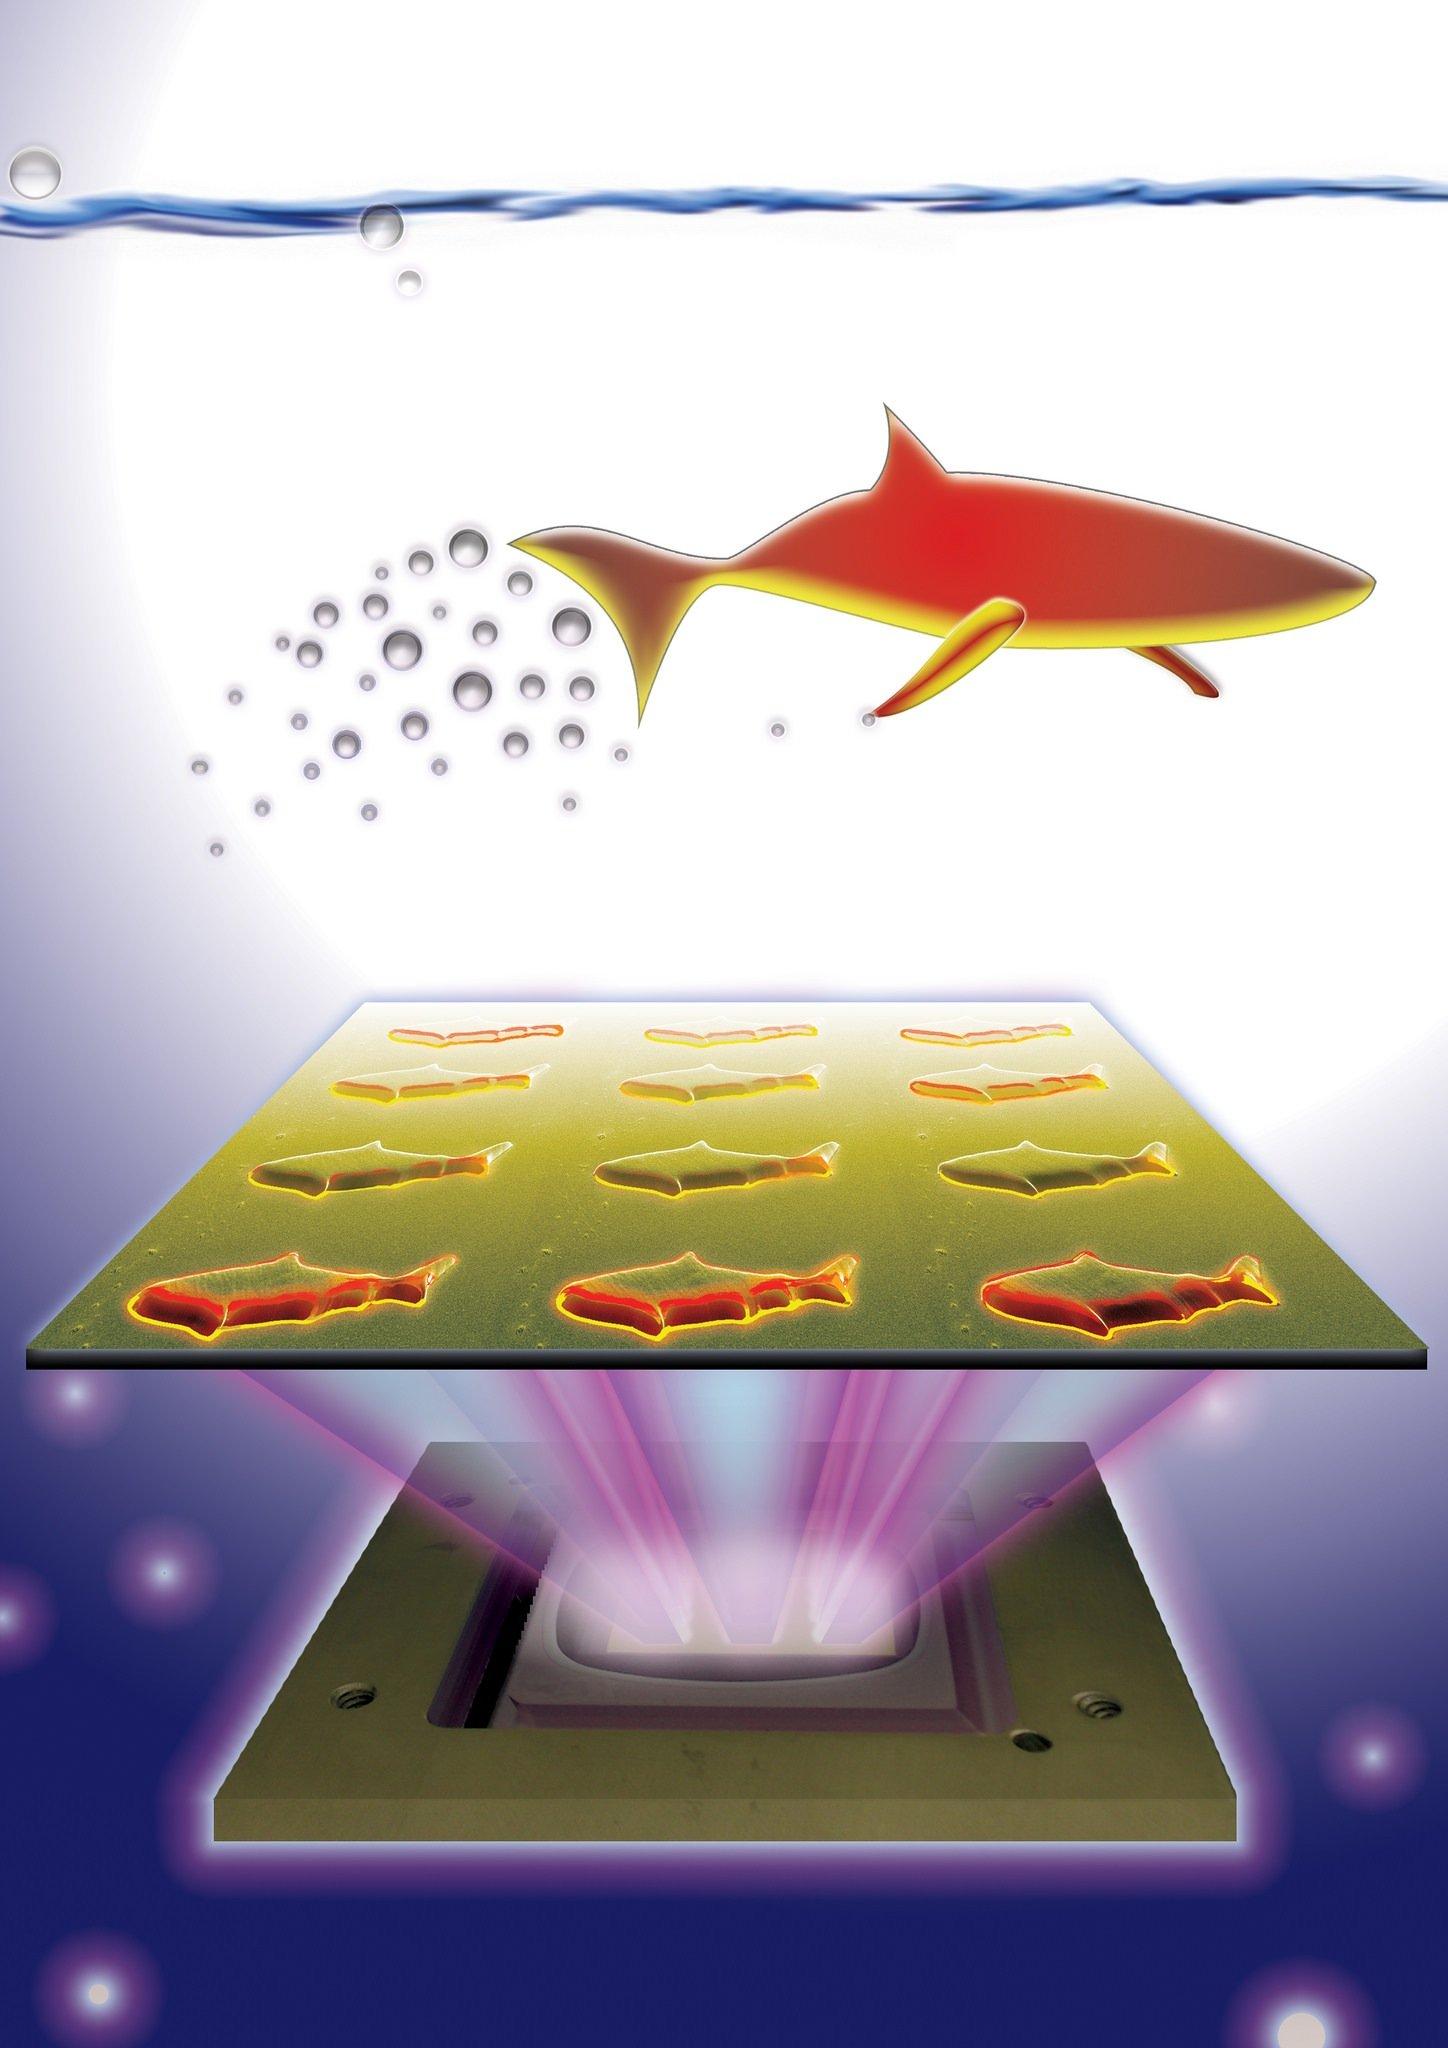 Die Flossen der Mikro-Fische enthalten Aluminiumpartikel. Diese reagieren mit Wasserstoffperoxid in Flüssigkeiten, wobei sich die Flosse in Bewegung setzt. Für die Steuerung werden in den Köpfen magnetische Eisenoxid-Nanopartikel installiert. Mit Hilfe von Magneten können die Fischköpfe dann ihr Ziel ansteuern.